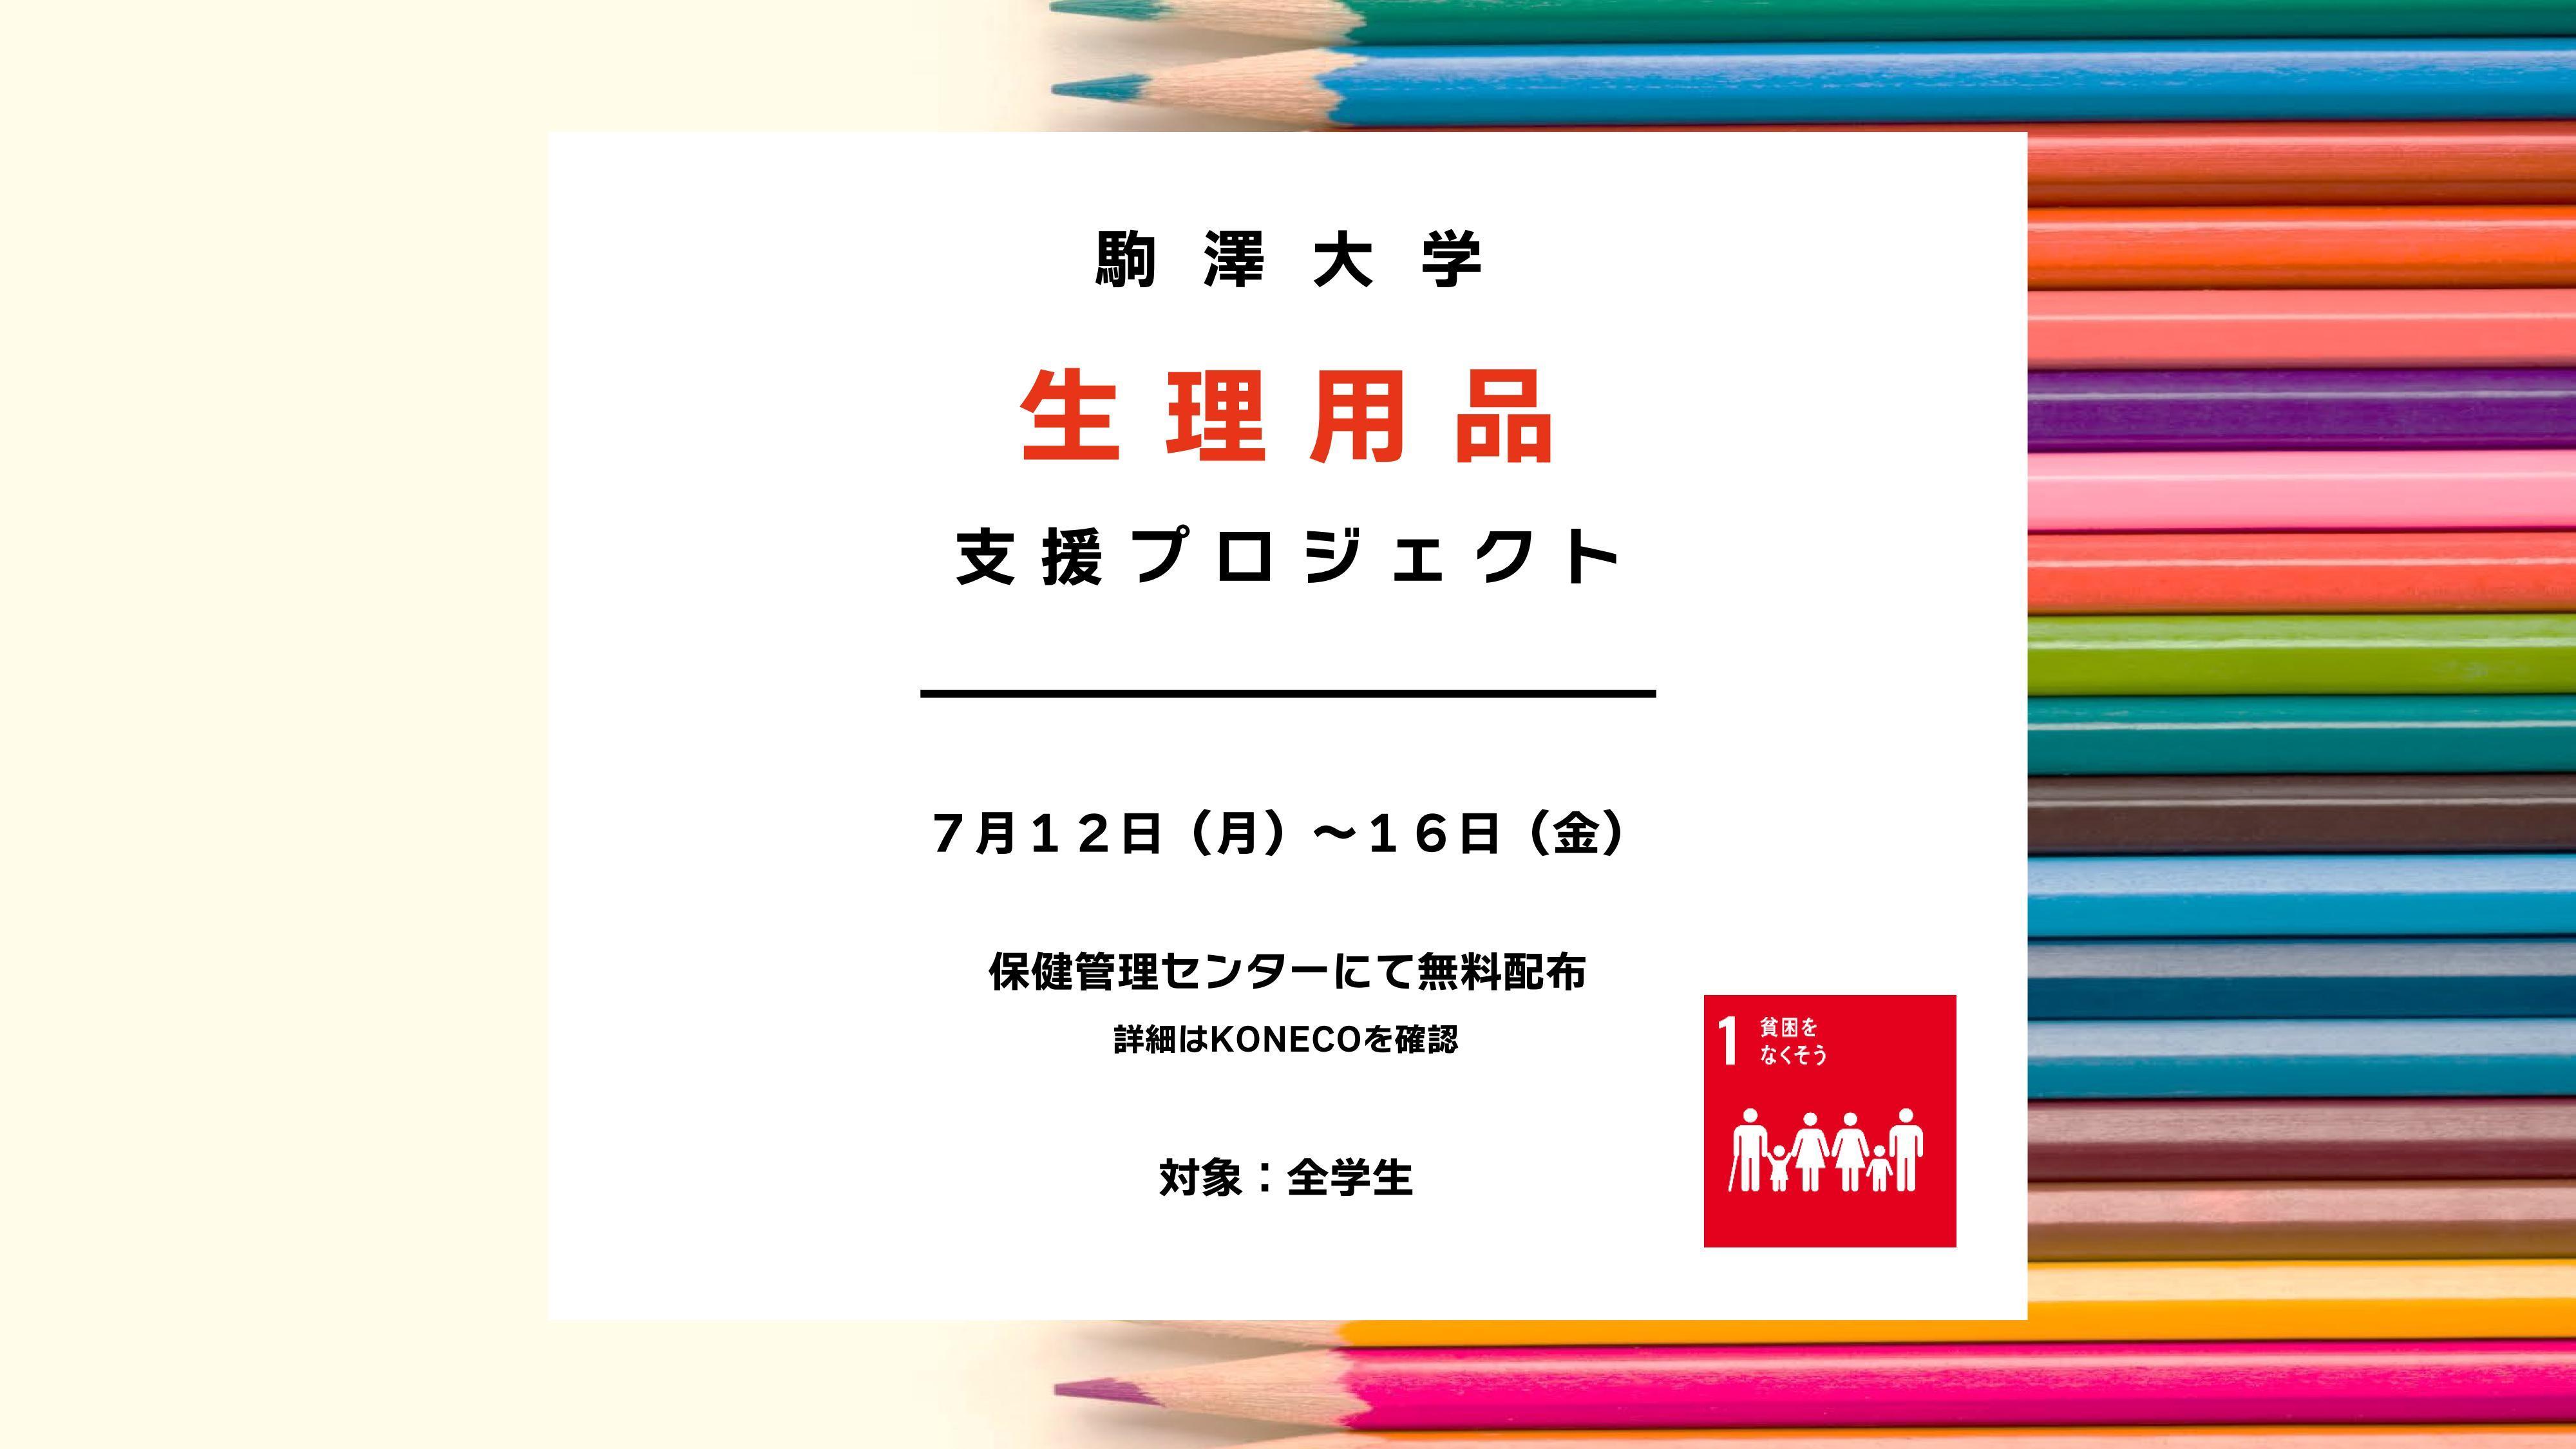 駒澤大学が7月12日~16日まで生理用品を無償配布 -- 学生の実態に関するアンケート調査も実施